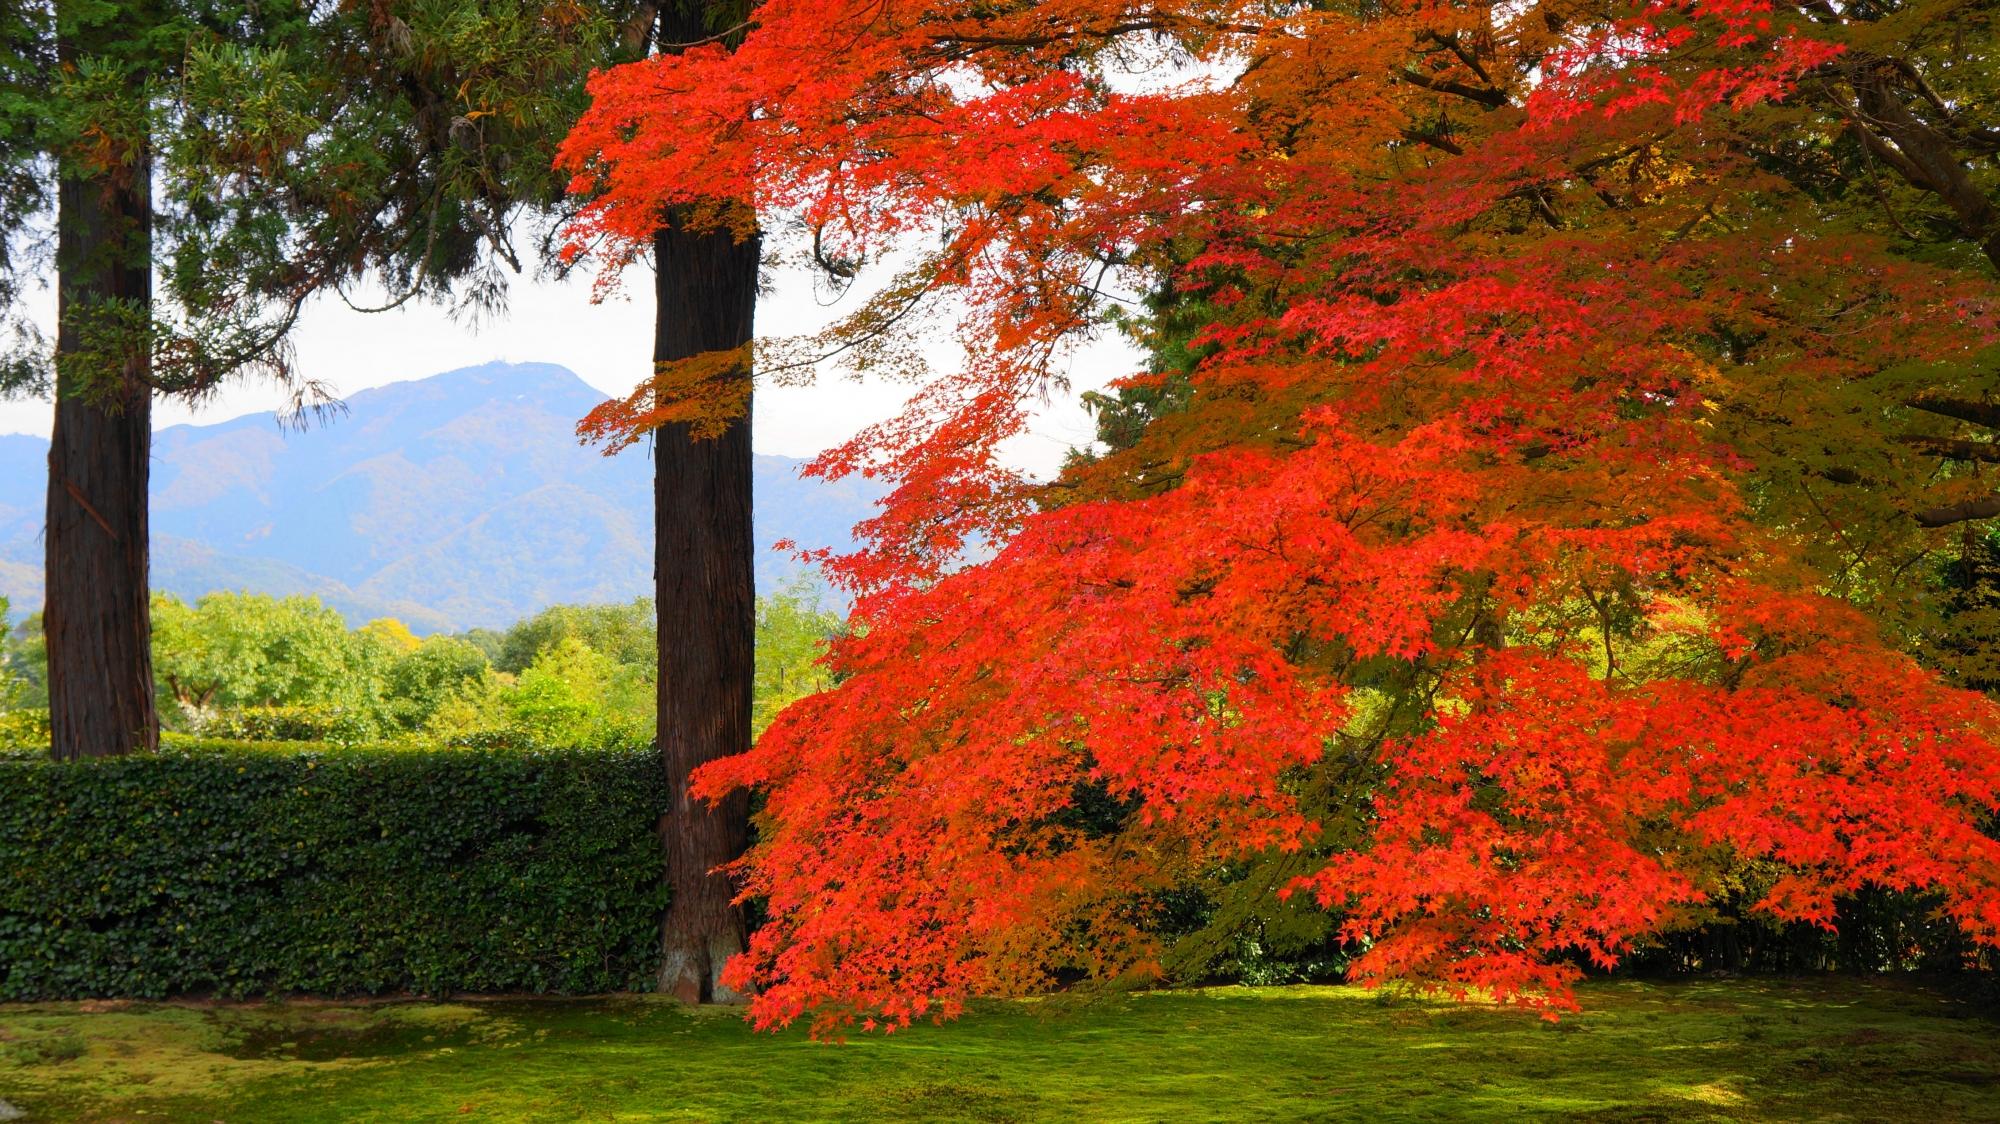 円通寺のオレンジ色の紅葉と比叡山